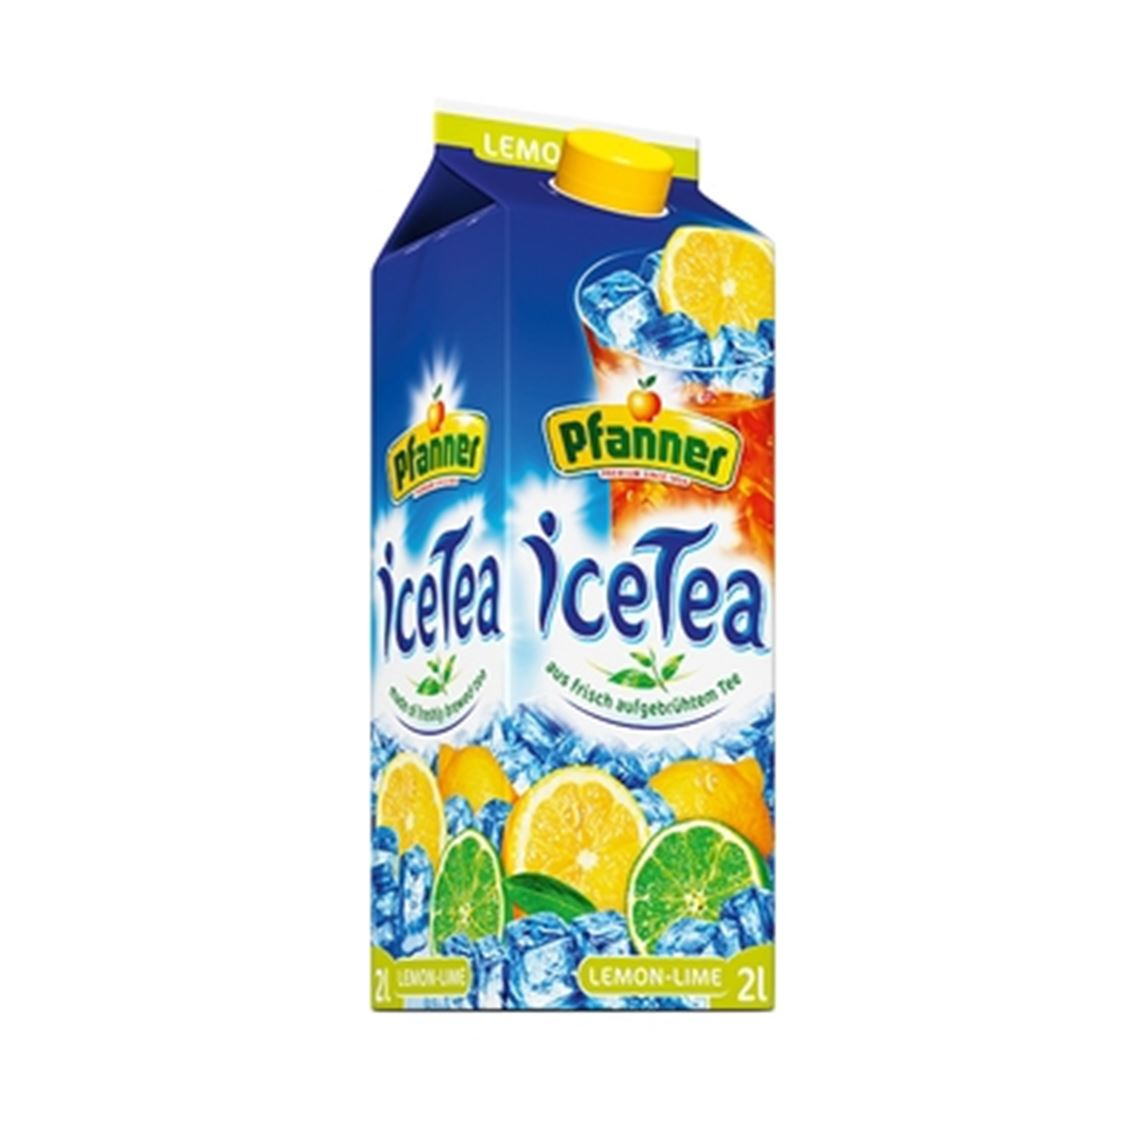 Pfanner Eistee Lemon